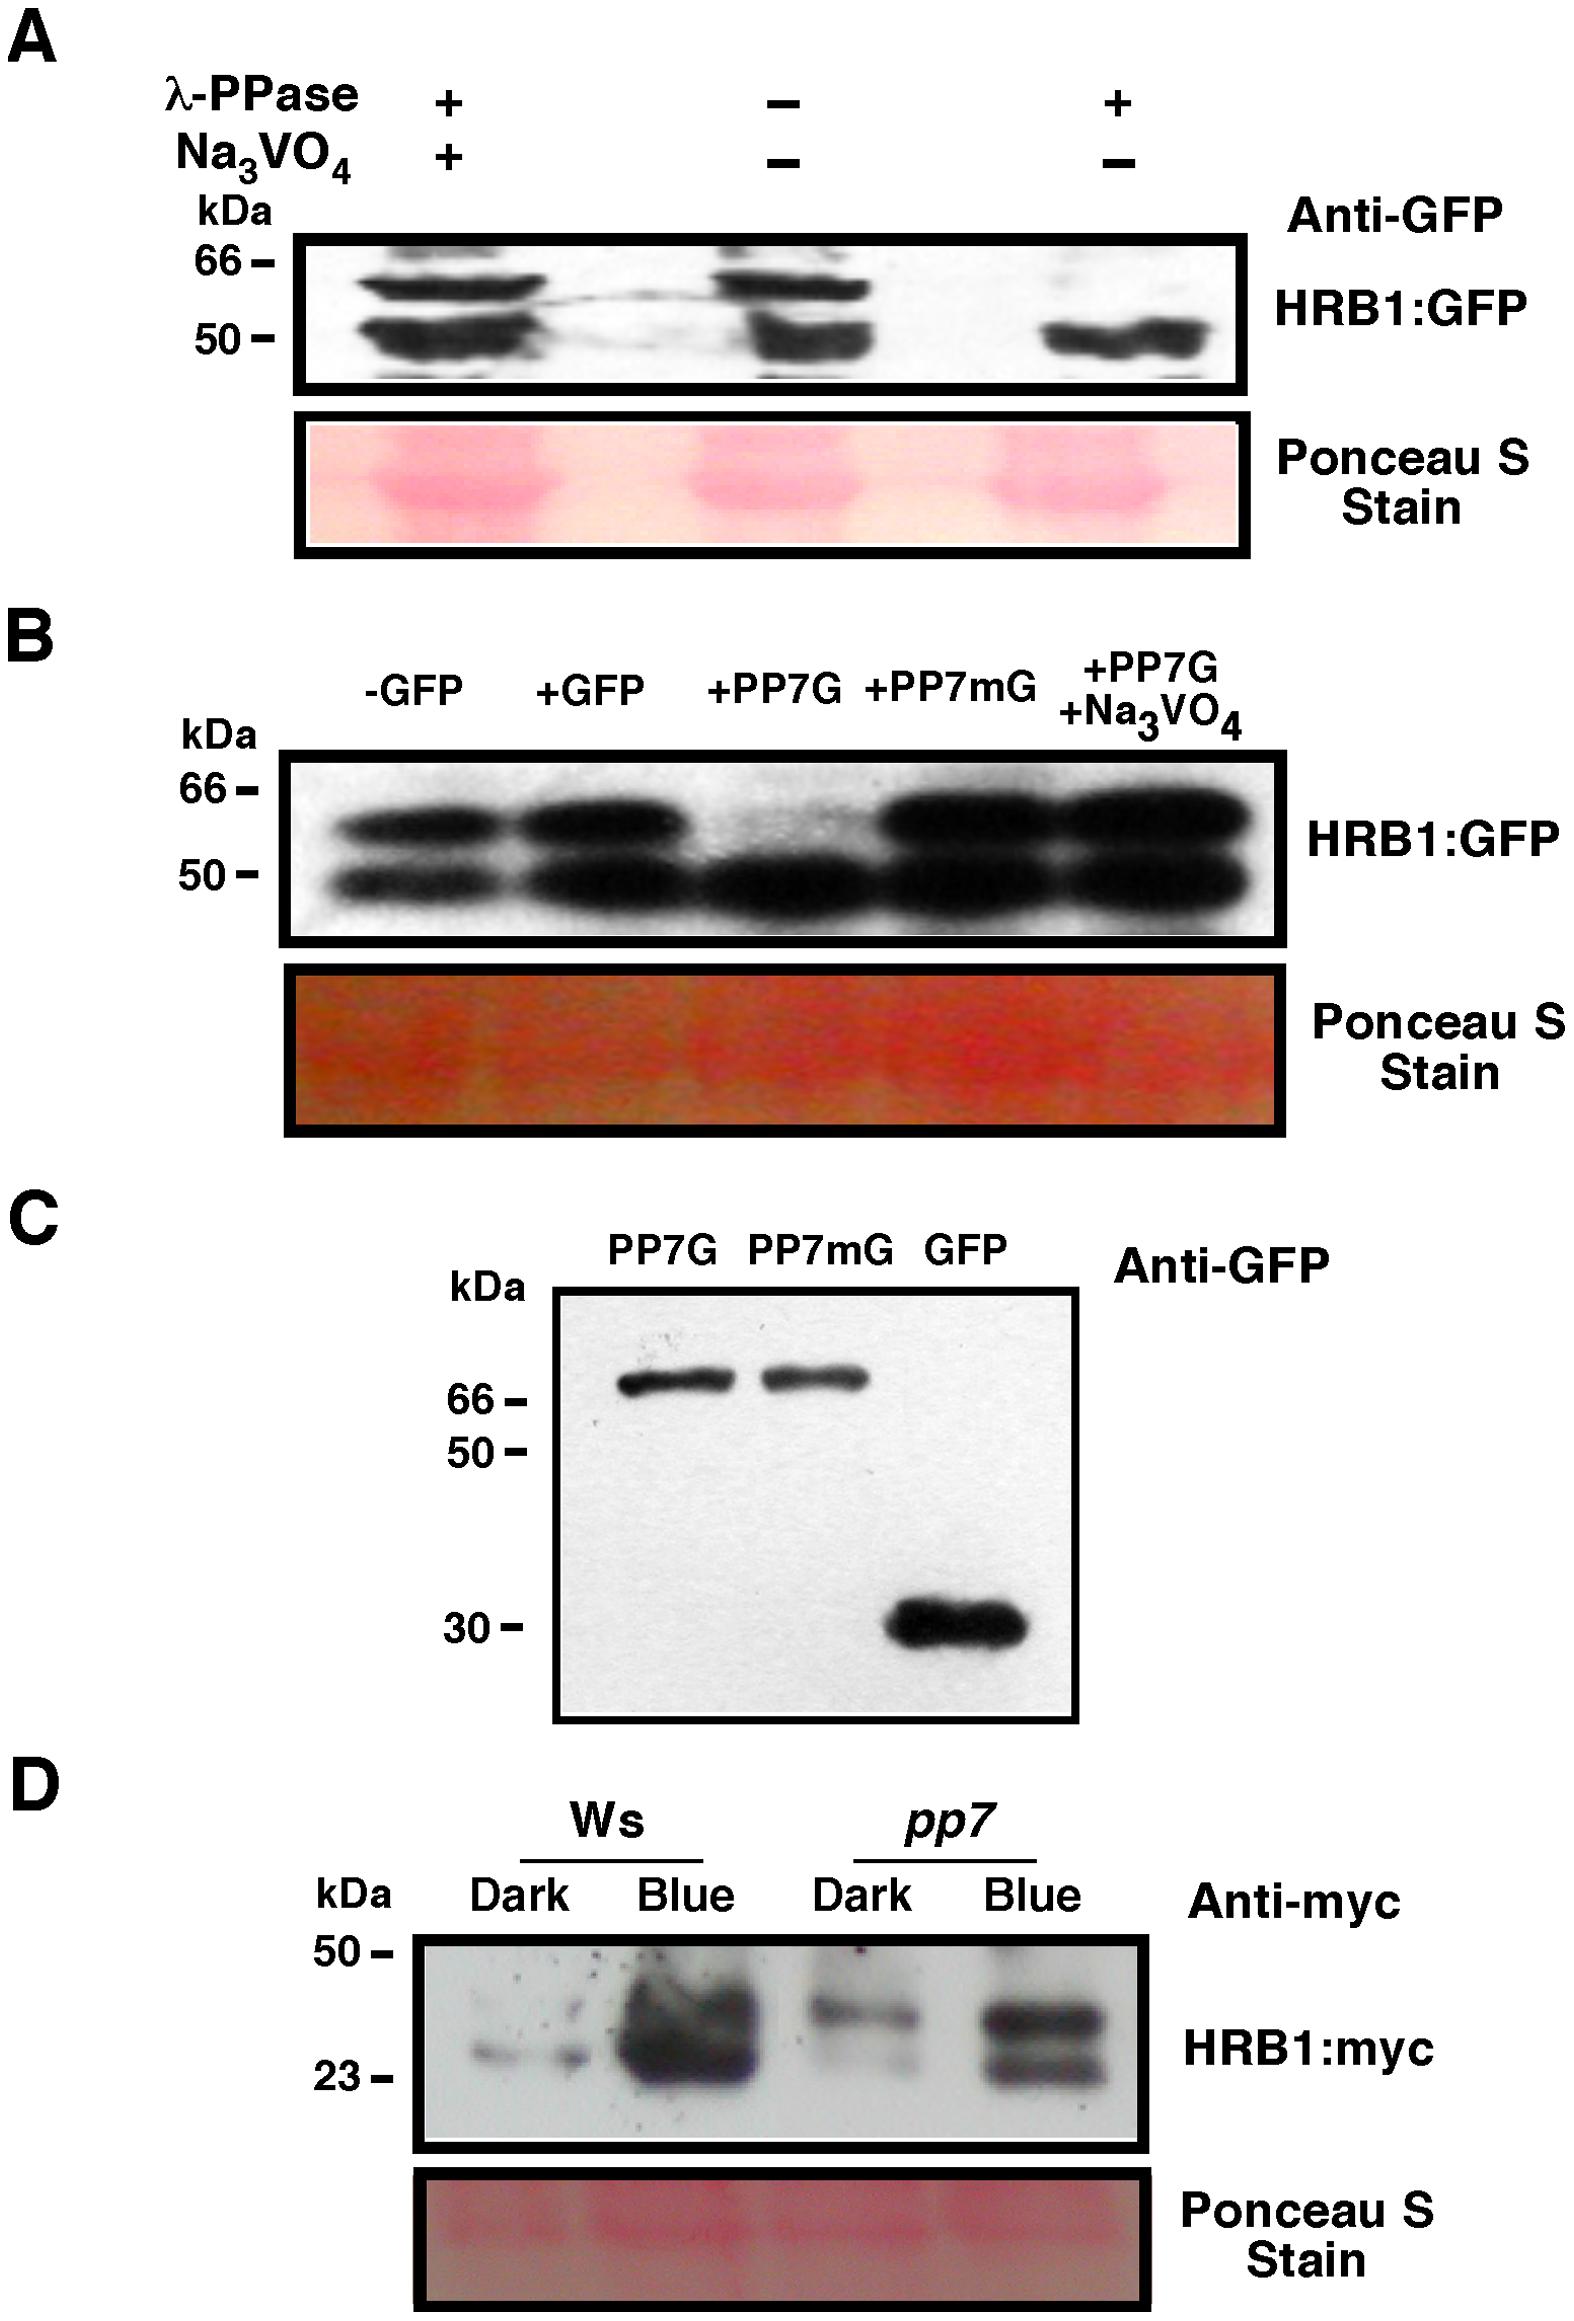 PP7 dephosphorylates HRB1.